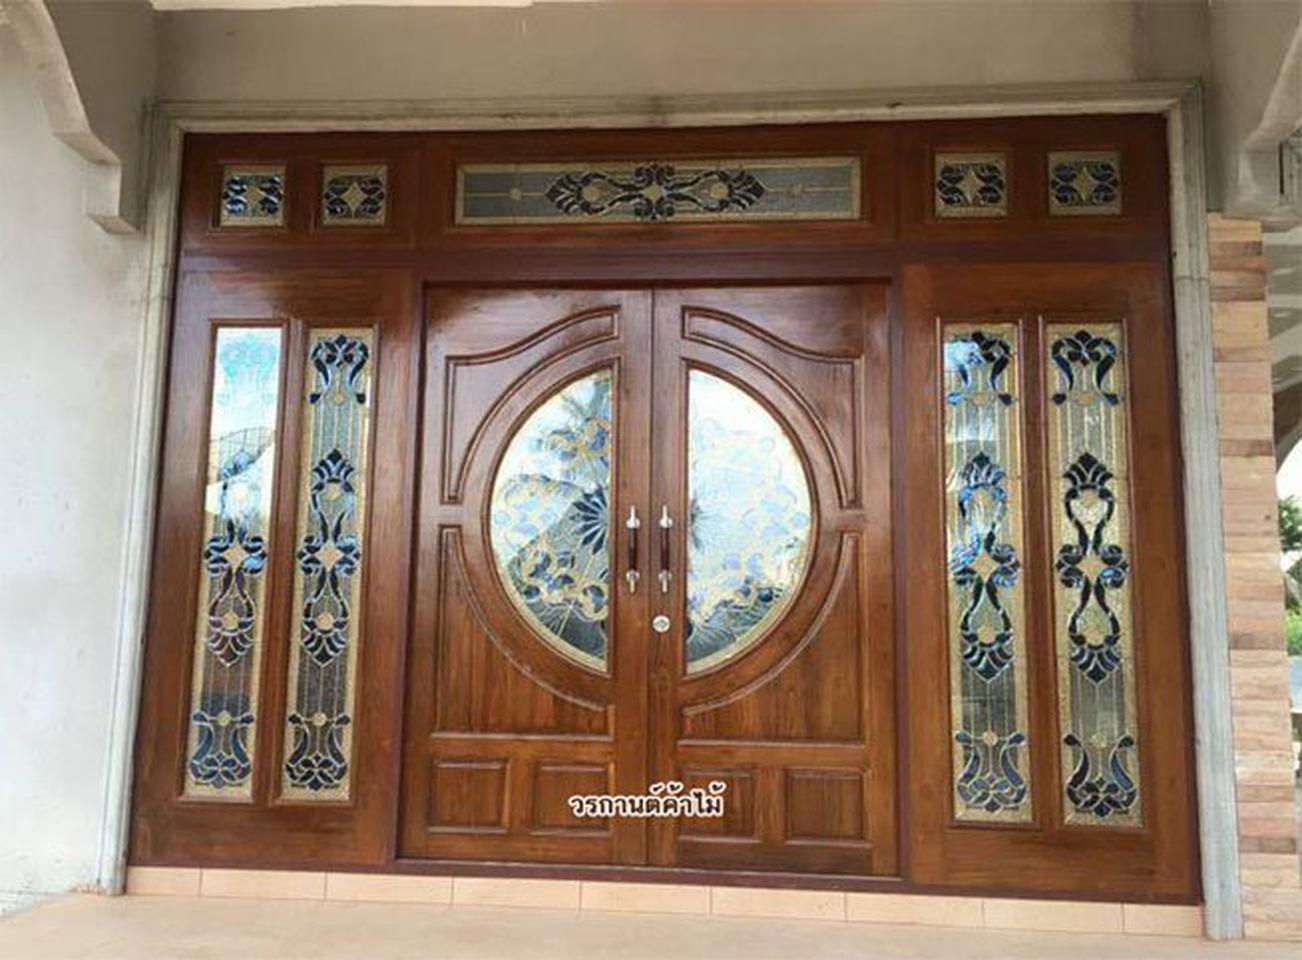 ร้านวรกานต์ค้าไม้ จำหน่าย ประตูไม้สักกระจกนิรภัย ประตูไม้สักบานคู่ ประตูไม้สักบานเดี่ยว ประตูหน้าต่าง ทั้งปลีกและส่ง รูปที่ 5